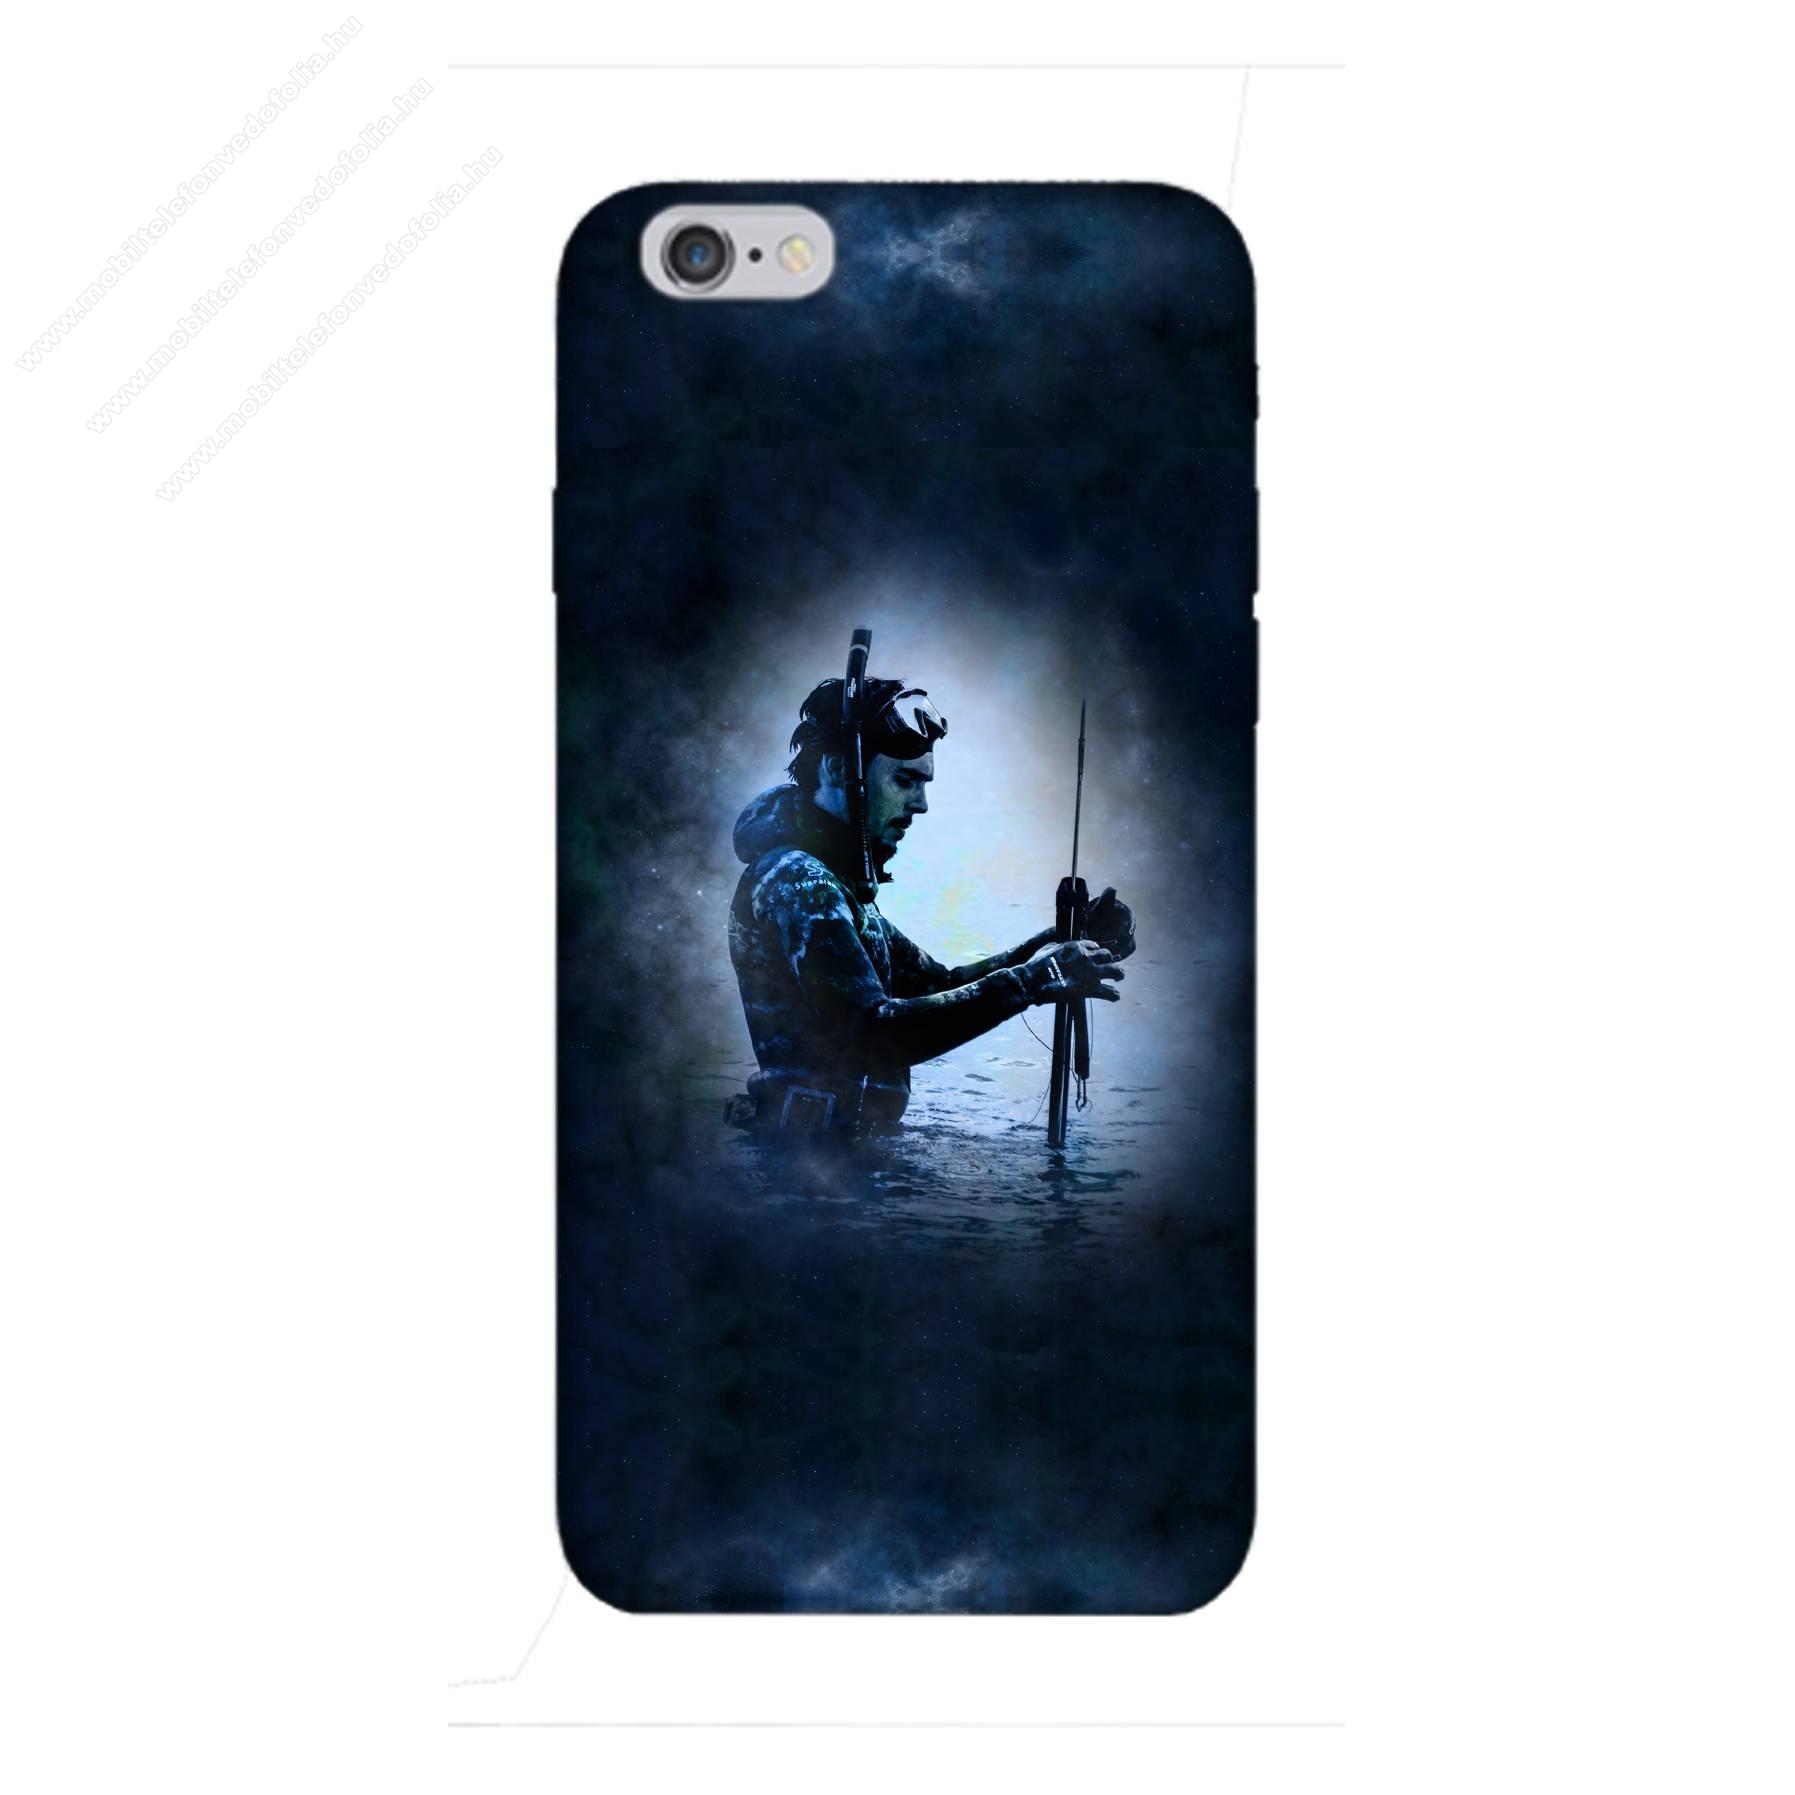 E-pic szilikon védő tok / hátlap - Horoszkóp, Vízöntő mintás - APPLE iPhone 6 Plus / APPLE iPhone 6s Plus